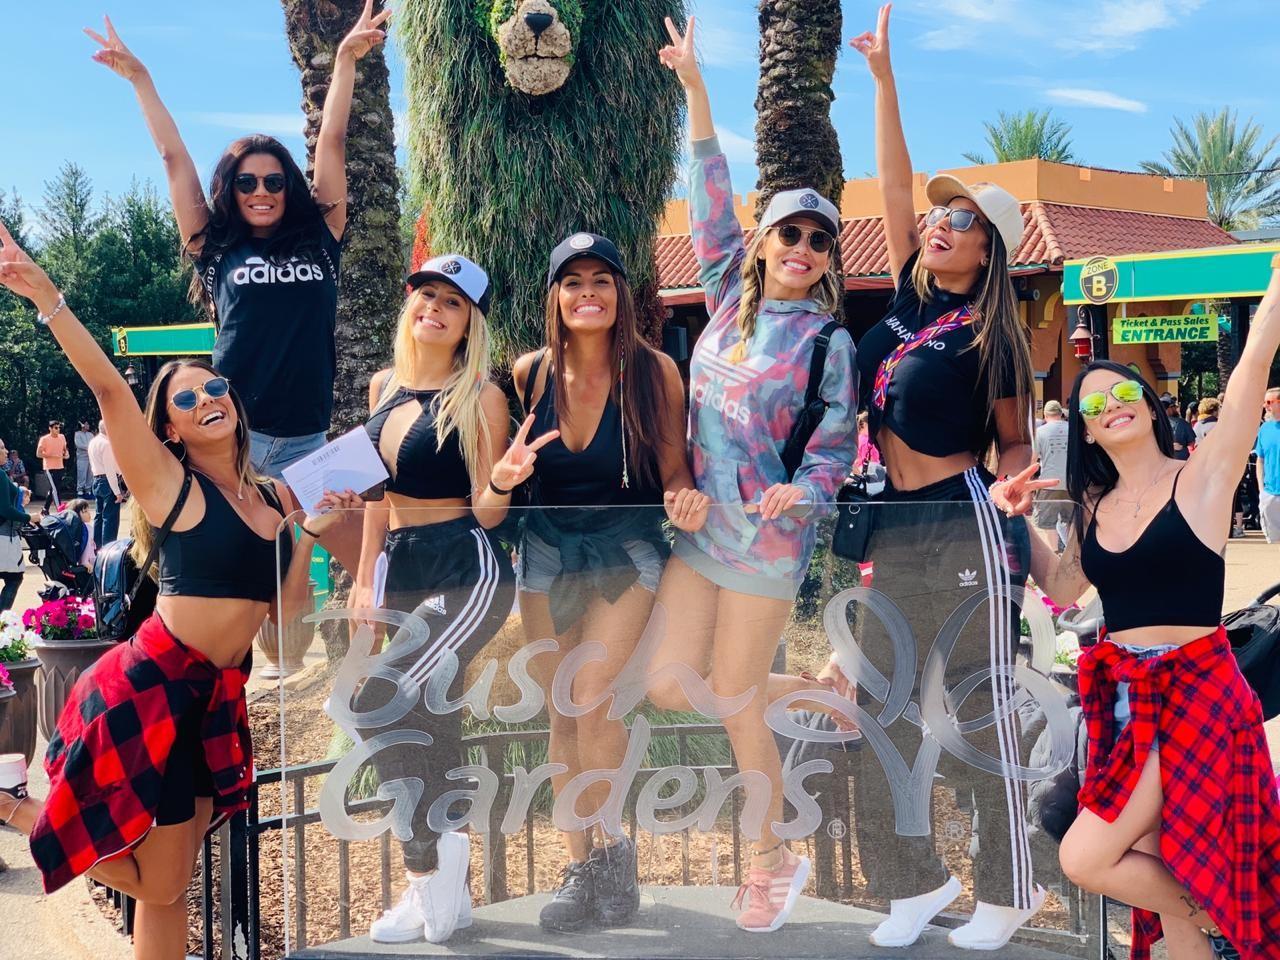 Bailarinas do Faustão causam alvoroço nos parques de Orlando (Foto: Divulgação)